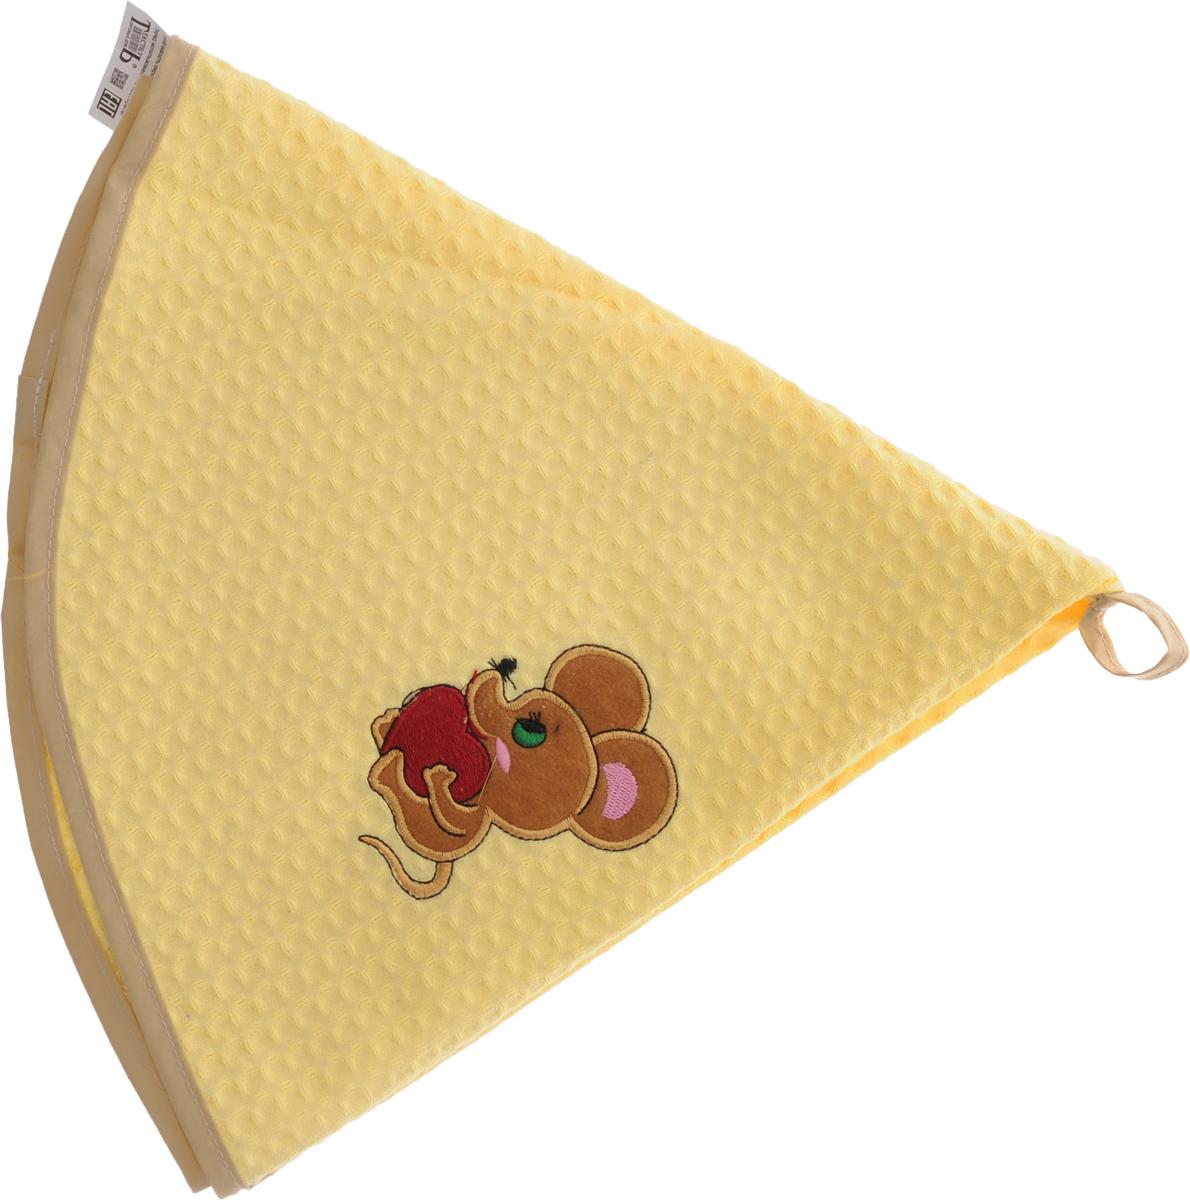 Полотенце кухонное Soavita, цвет: желтый, диаметр 65 см48798Кухонное полотенце Soavita, выполненное из 100% хлопка, оформлено вышитым рисунком в виде мышонка с сердцем. Изделие предназначено для использования на кухне и в столовой. Имеется петелька для подвешивания. Такое полотенце станет отличным вариантом для практичной и современной хозяйки. Диаметр полотенца: 65 см.